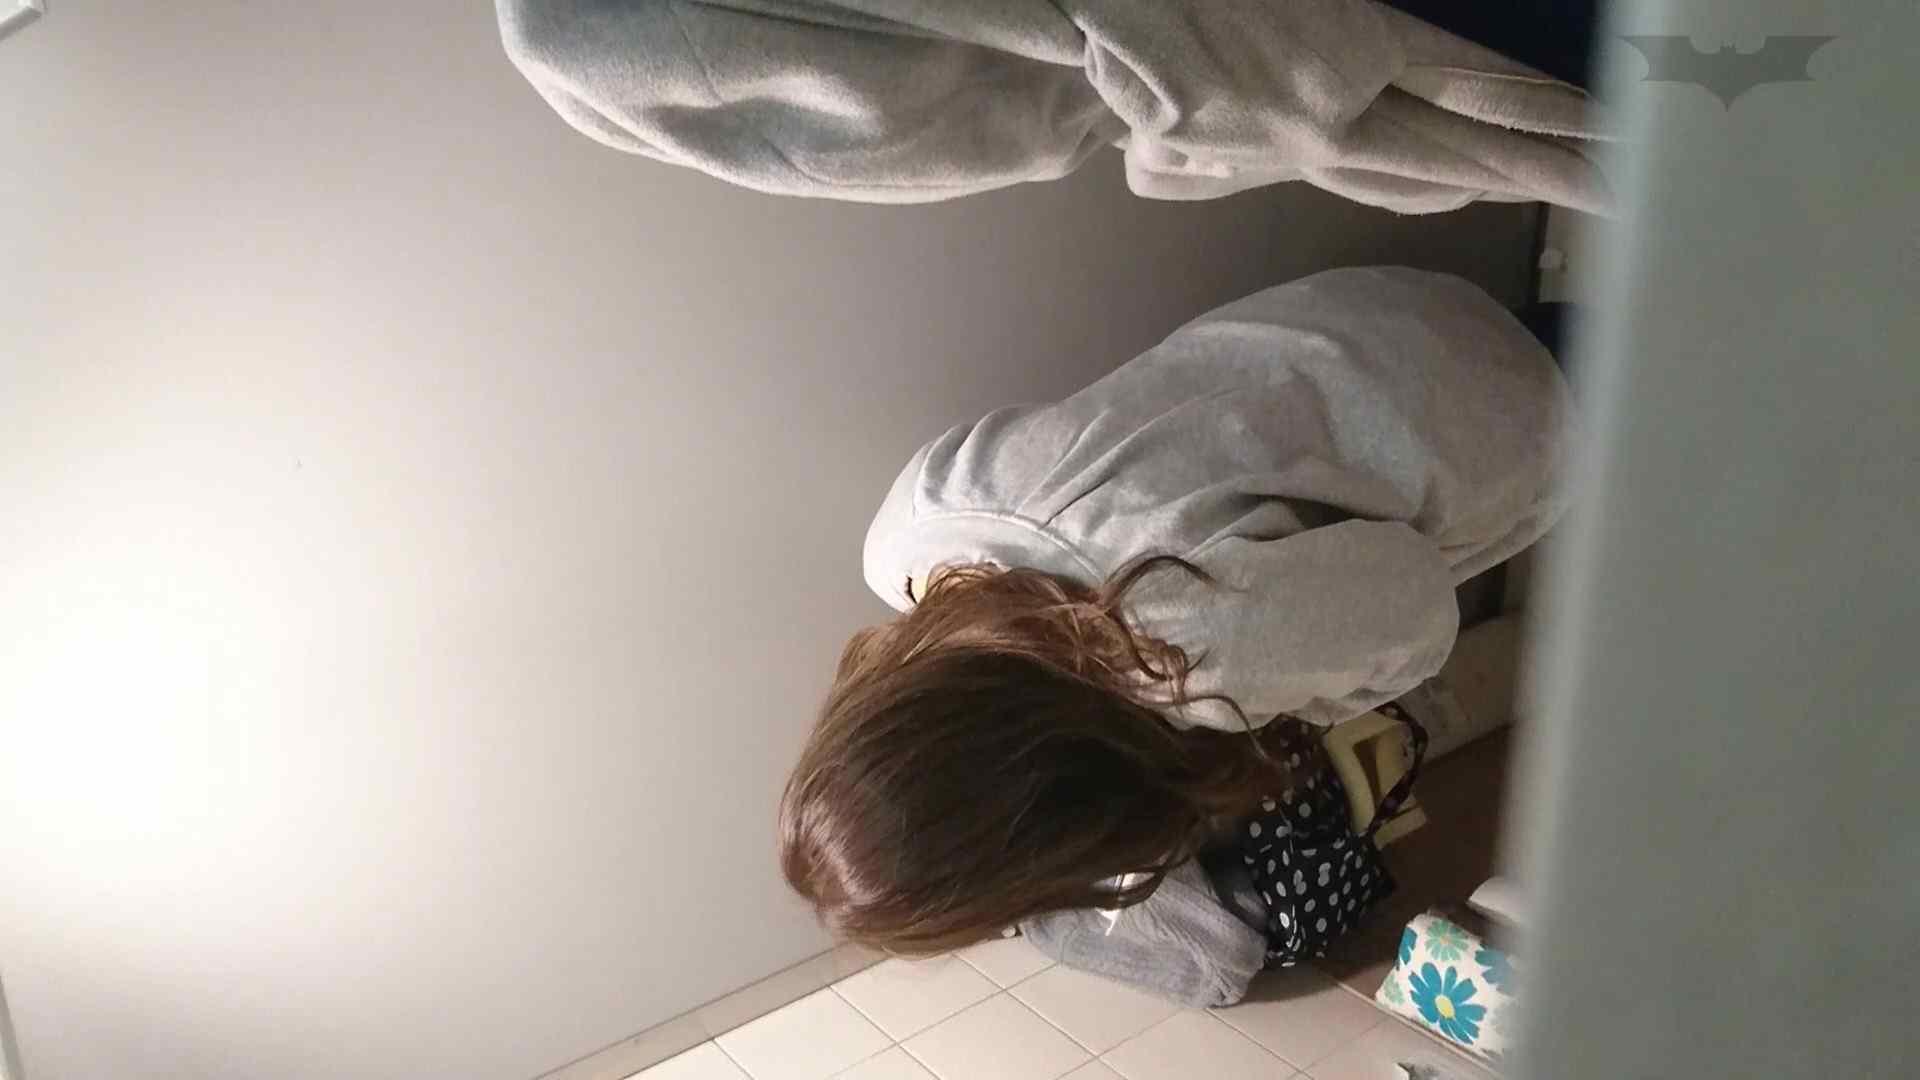 化粧室絵巻 ショッピングモール編 VOL.11 ギャル攻め ぱこり動画紹介 83画像 47